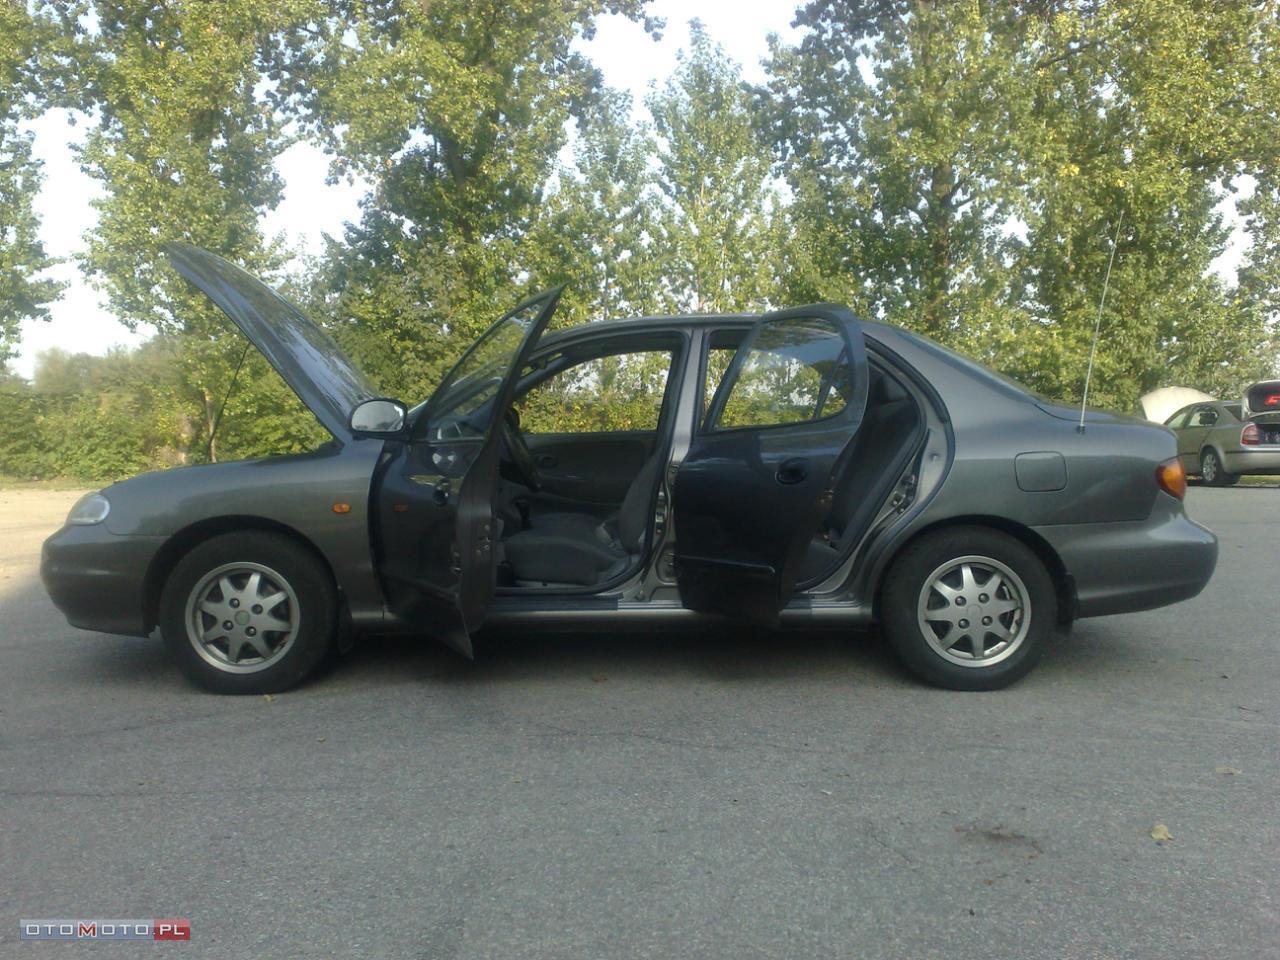 Hyundai Lantra wersja II 117tyś km